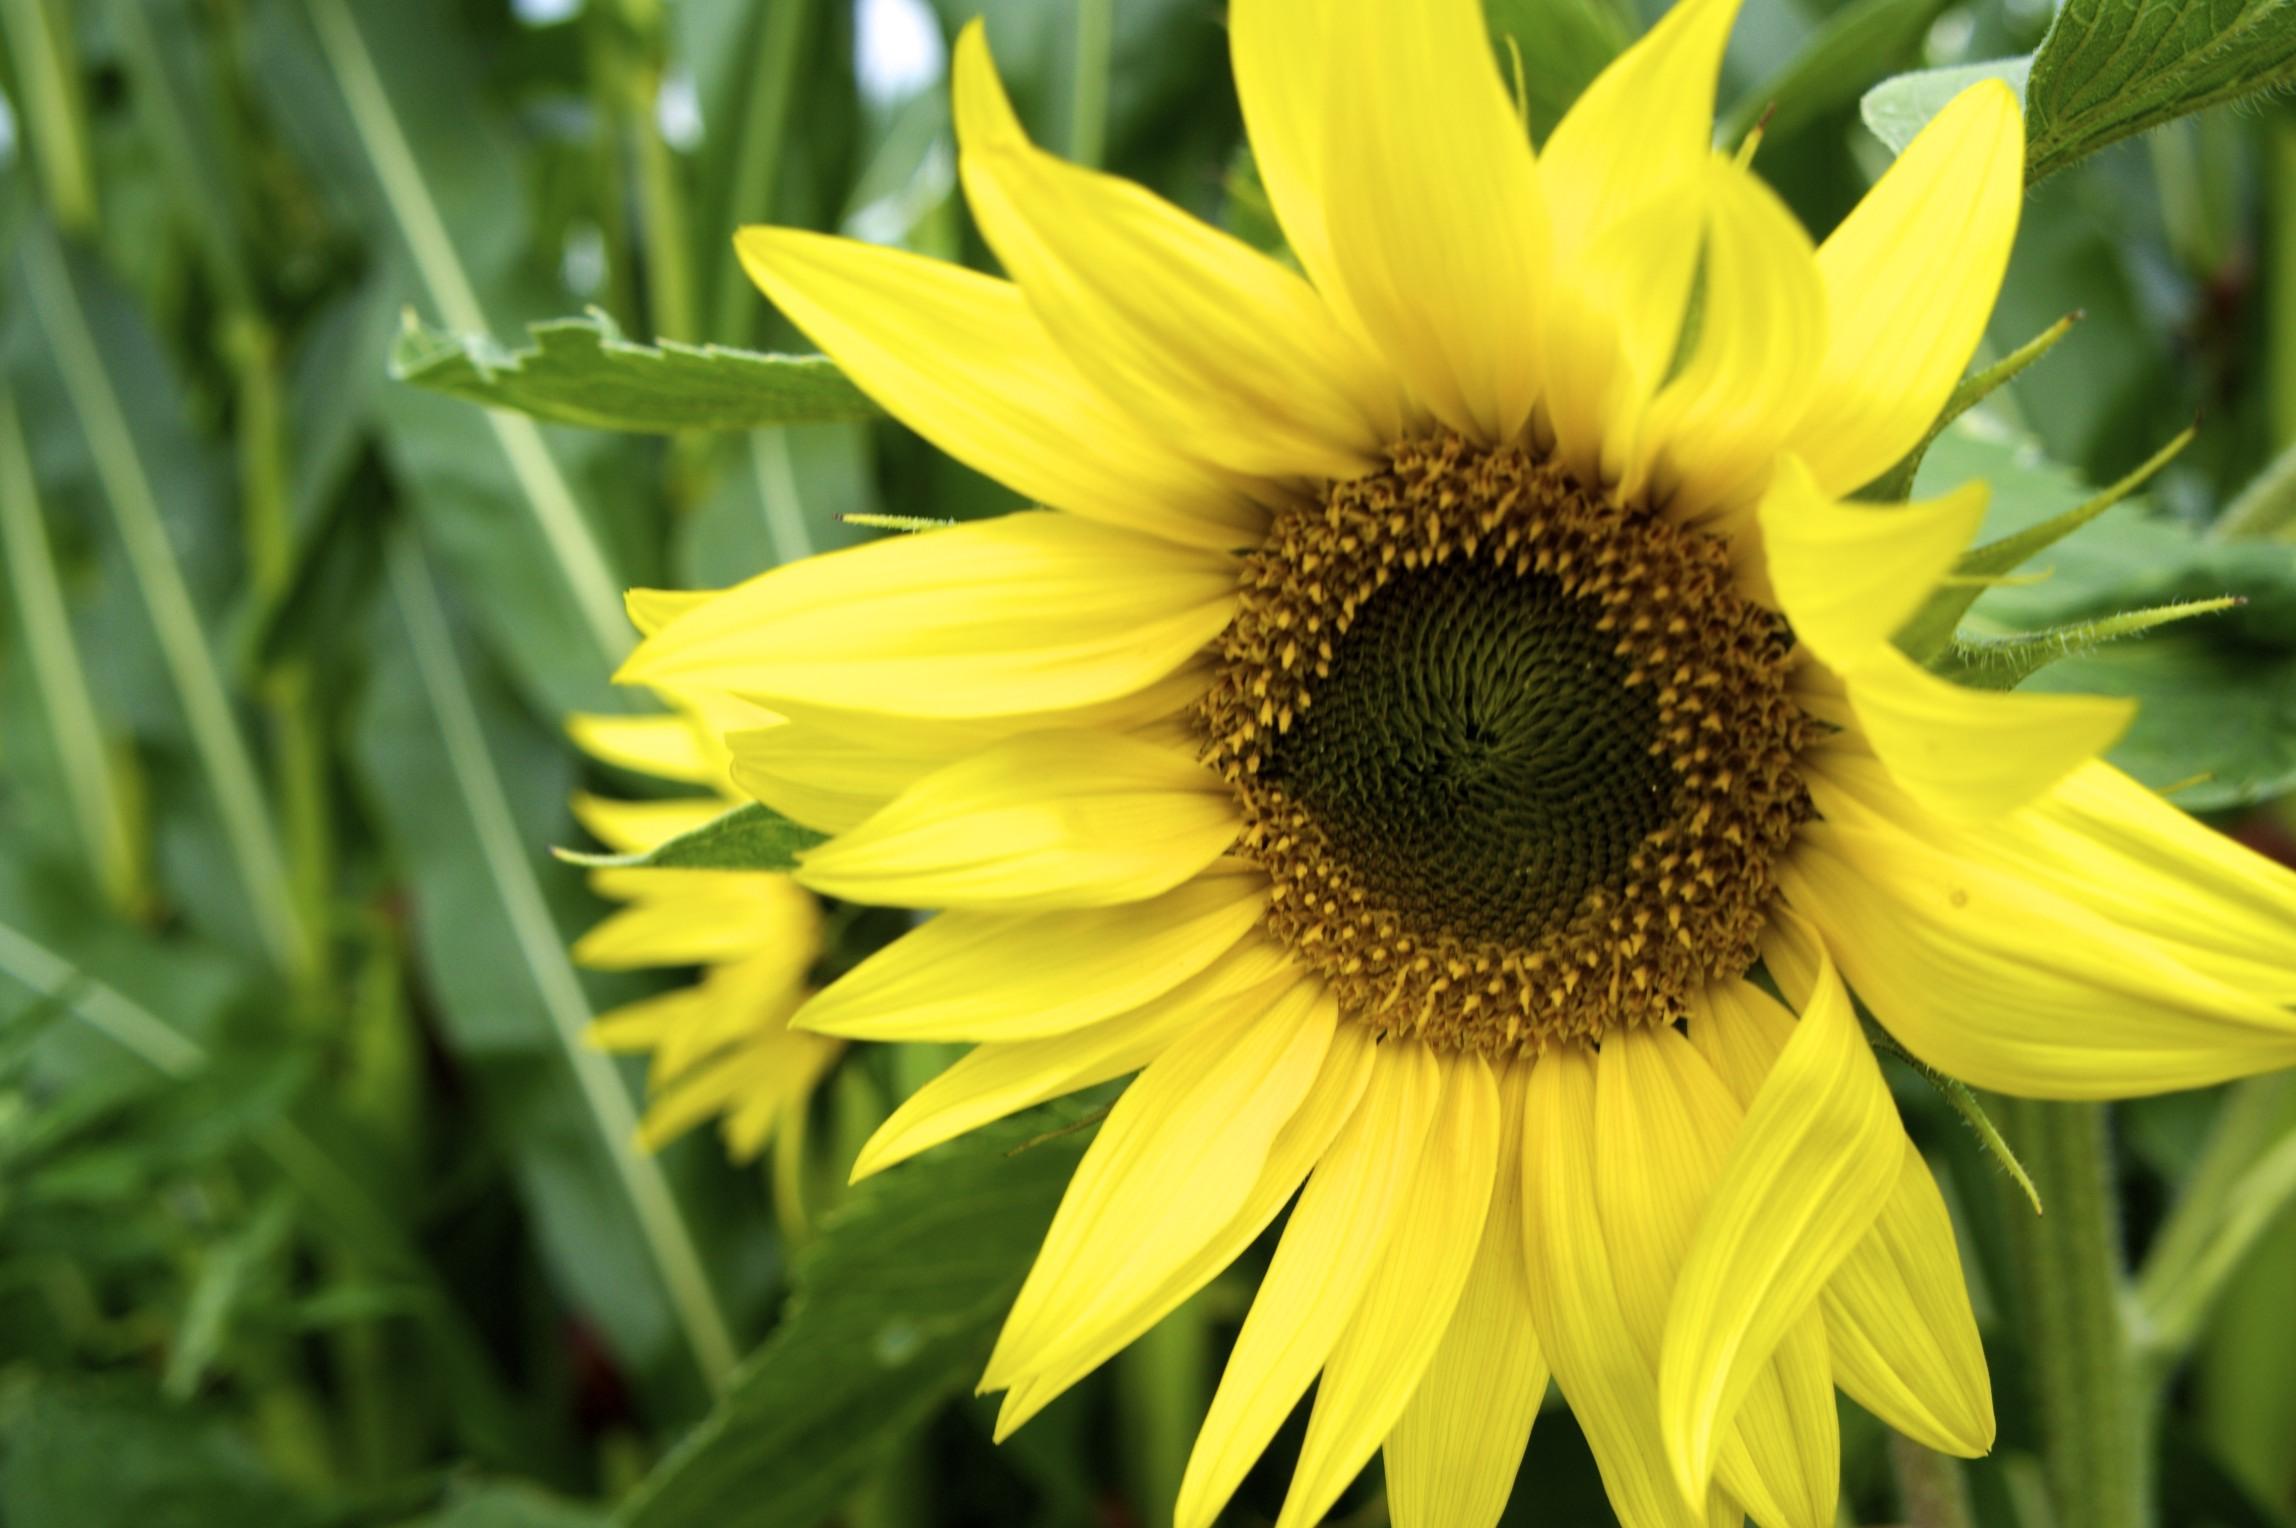 sonnenblumen pflanzen sonnenblumen pflanzen sonnenblumen. Black Bedroom Furniture Sets. Home Design Ideas